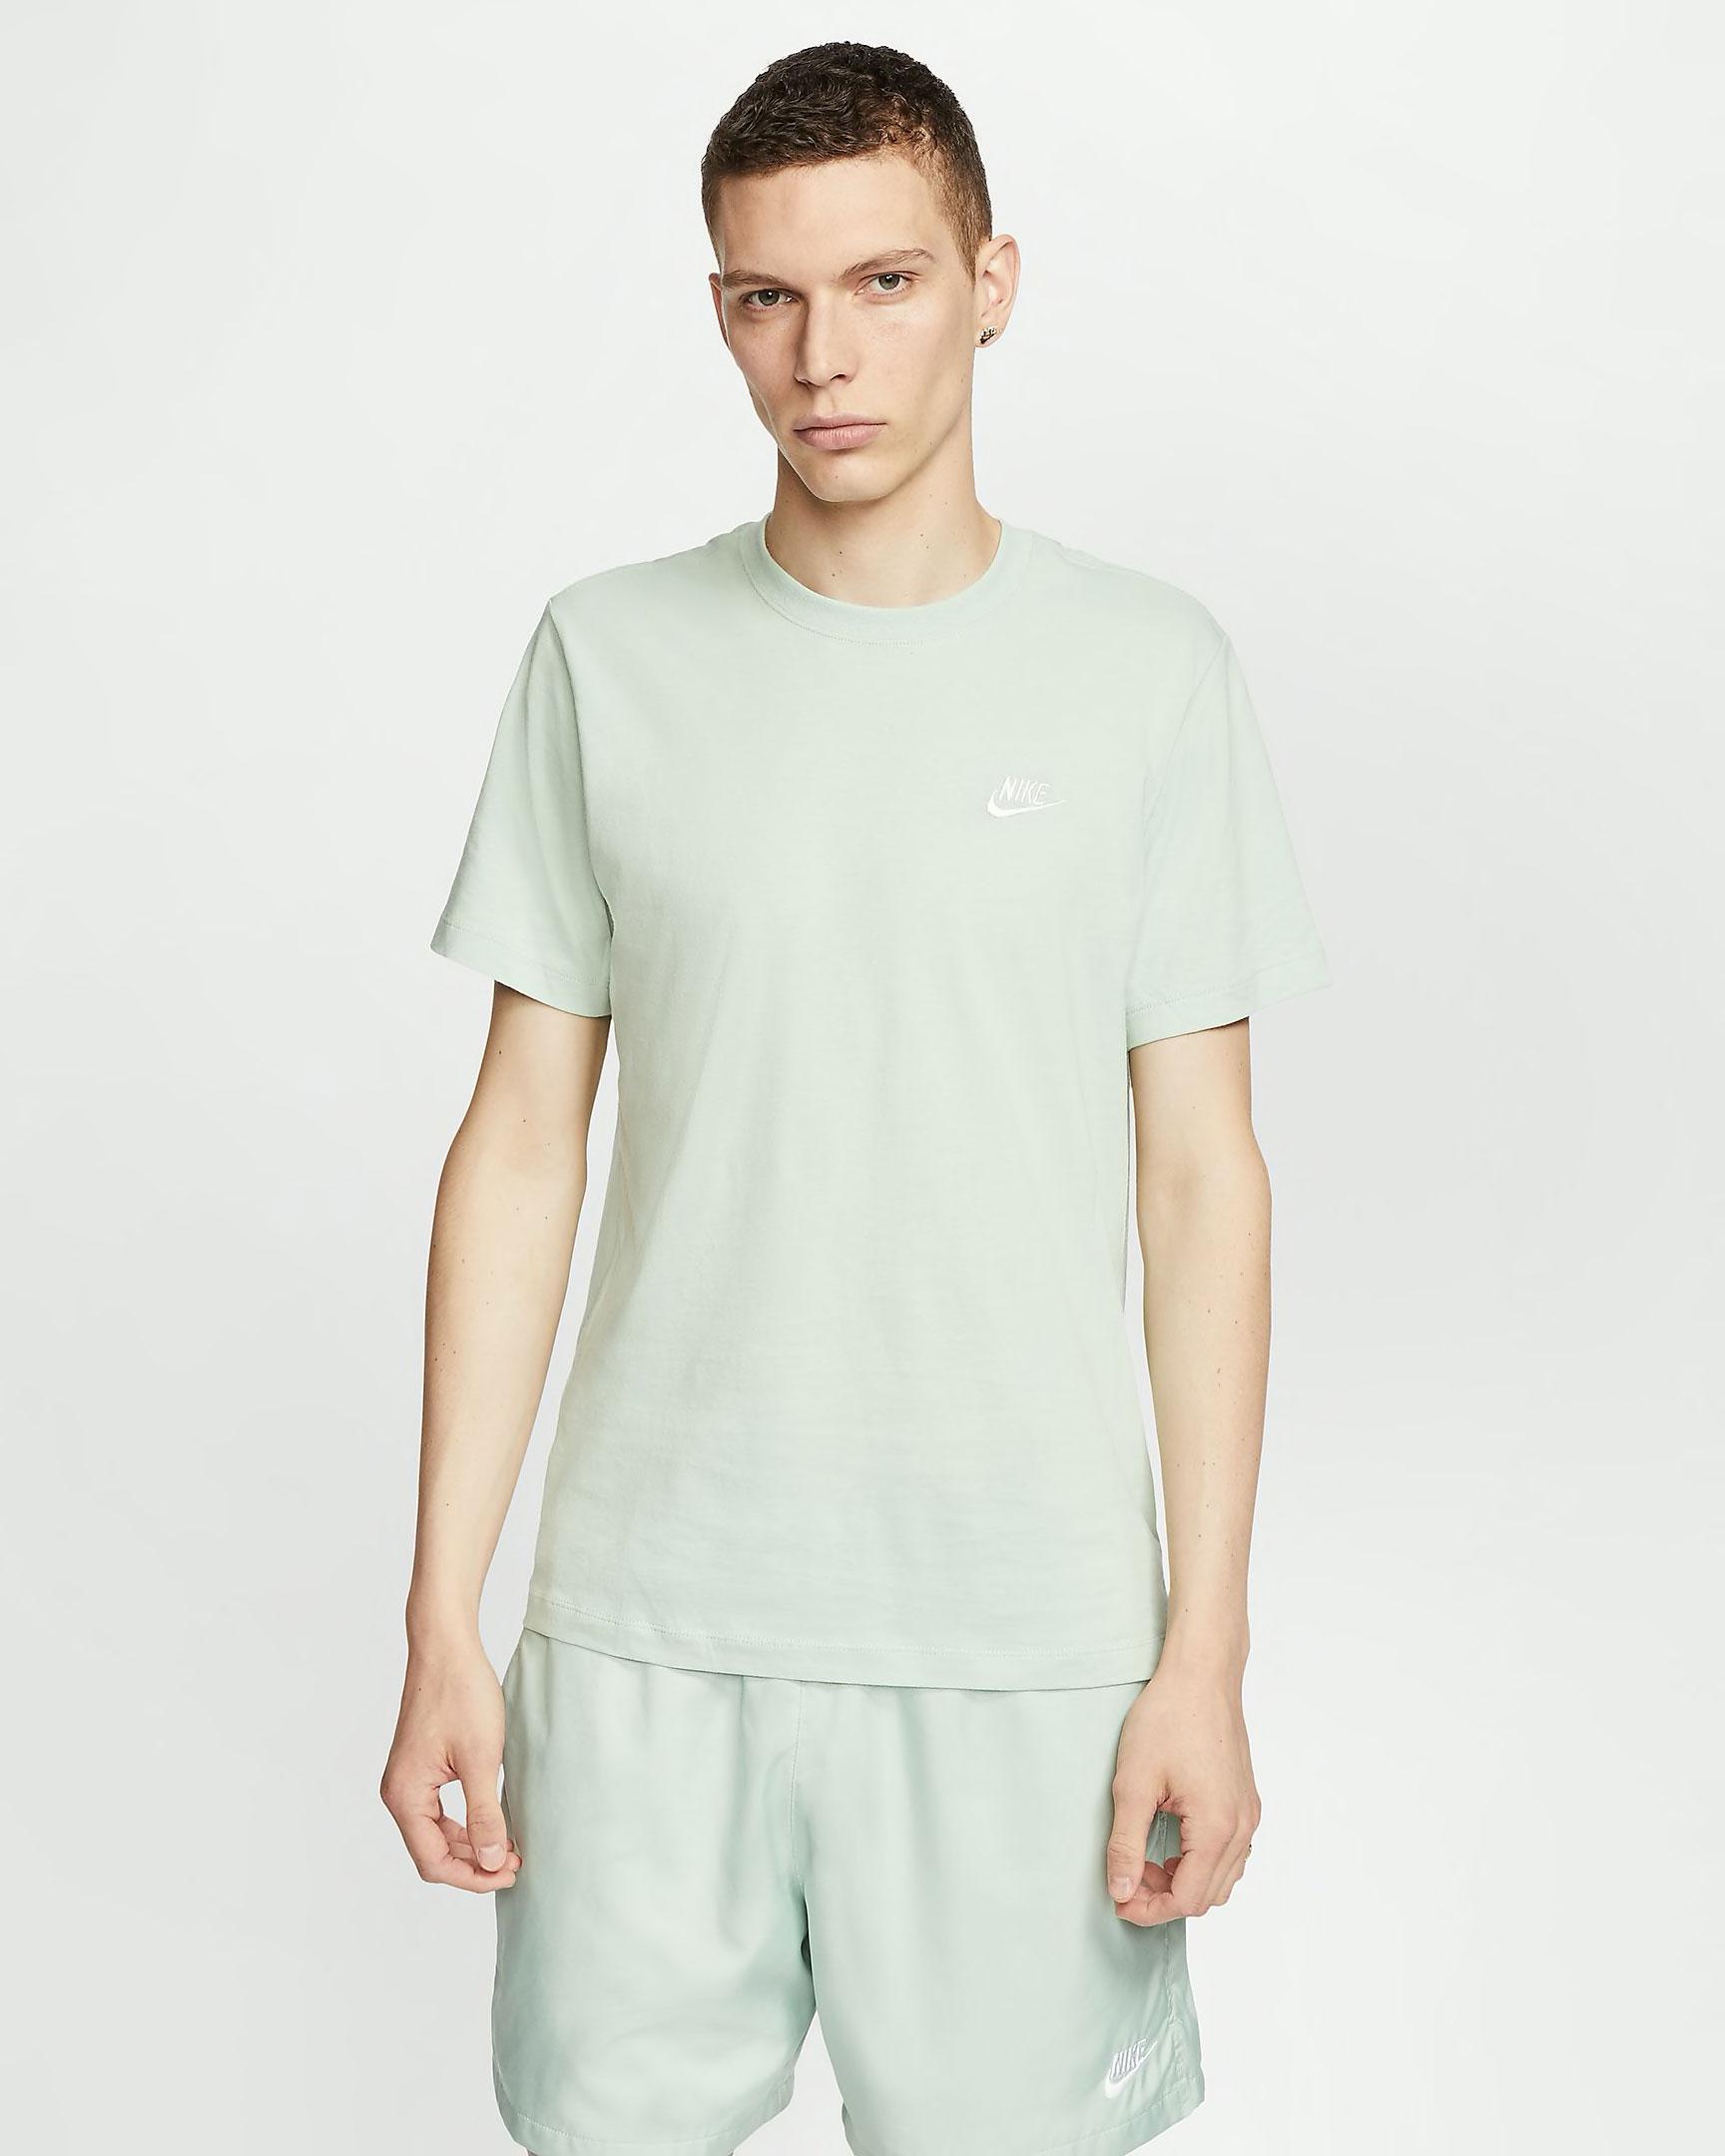 nike-sportswear-pistachio-frost-shirt